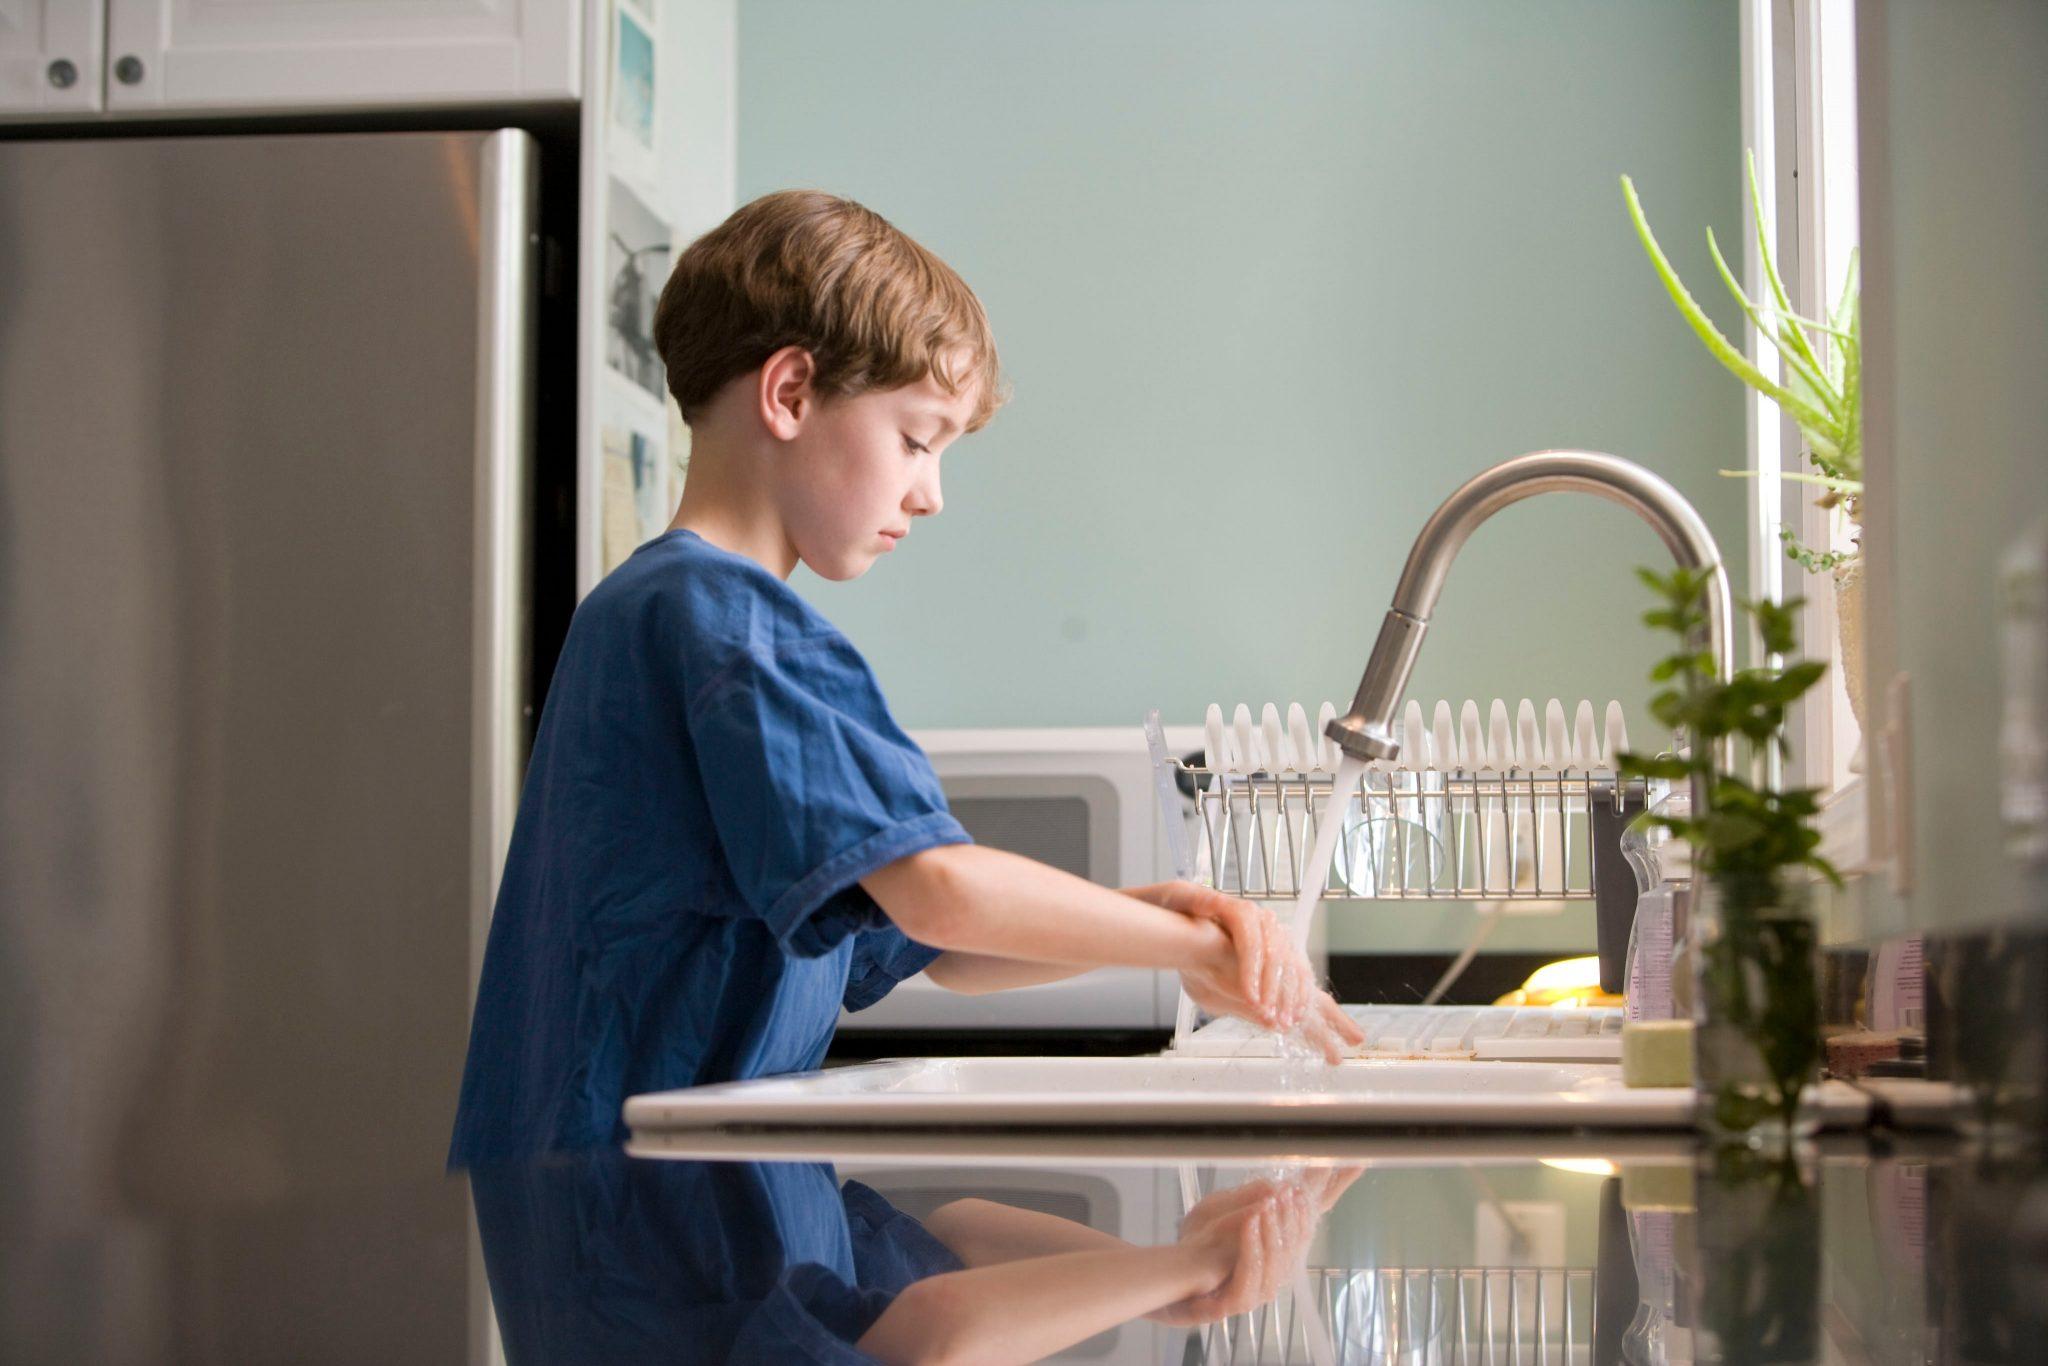 covid-19 boy washing hands